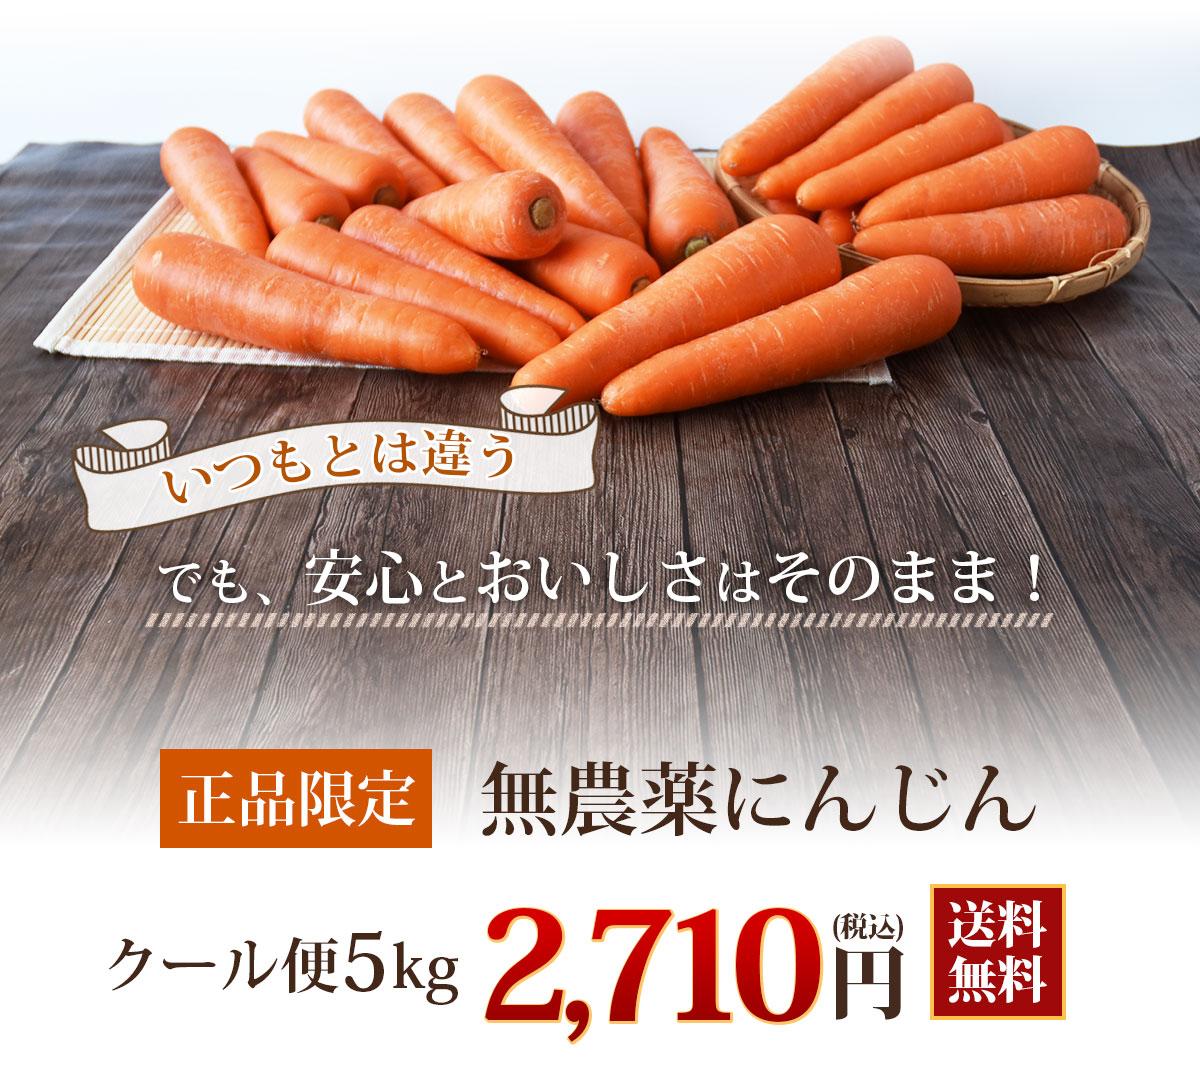 無農薬にんじん常温便5kg送料無料